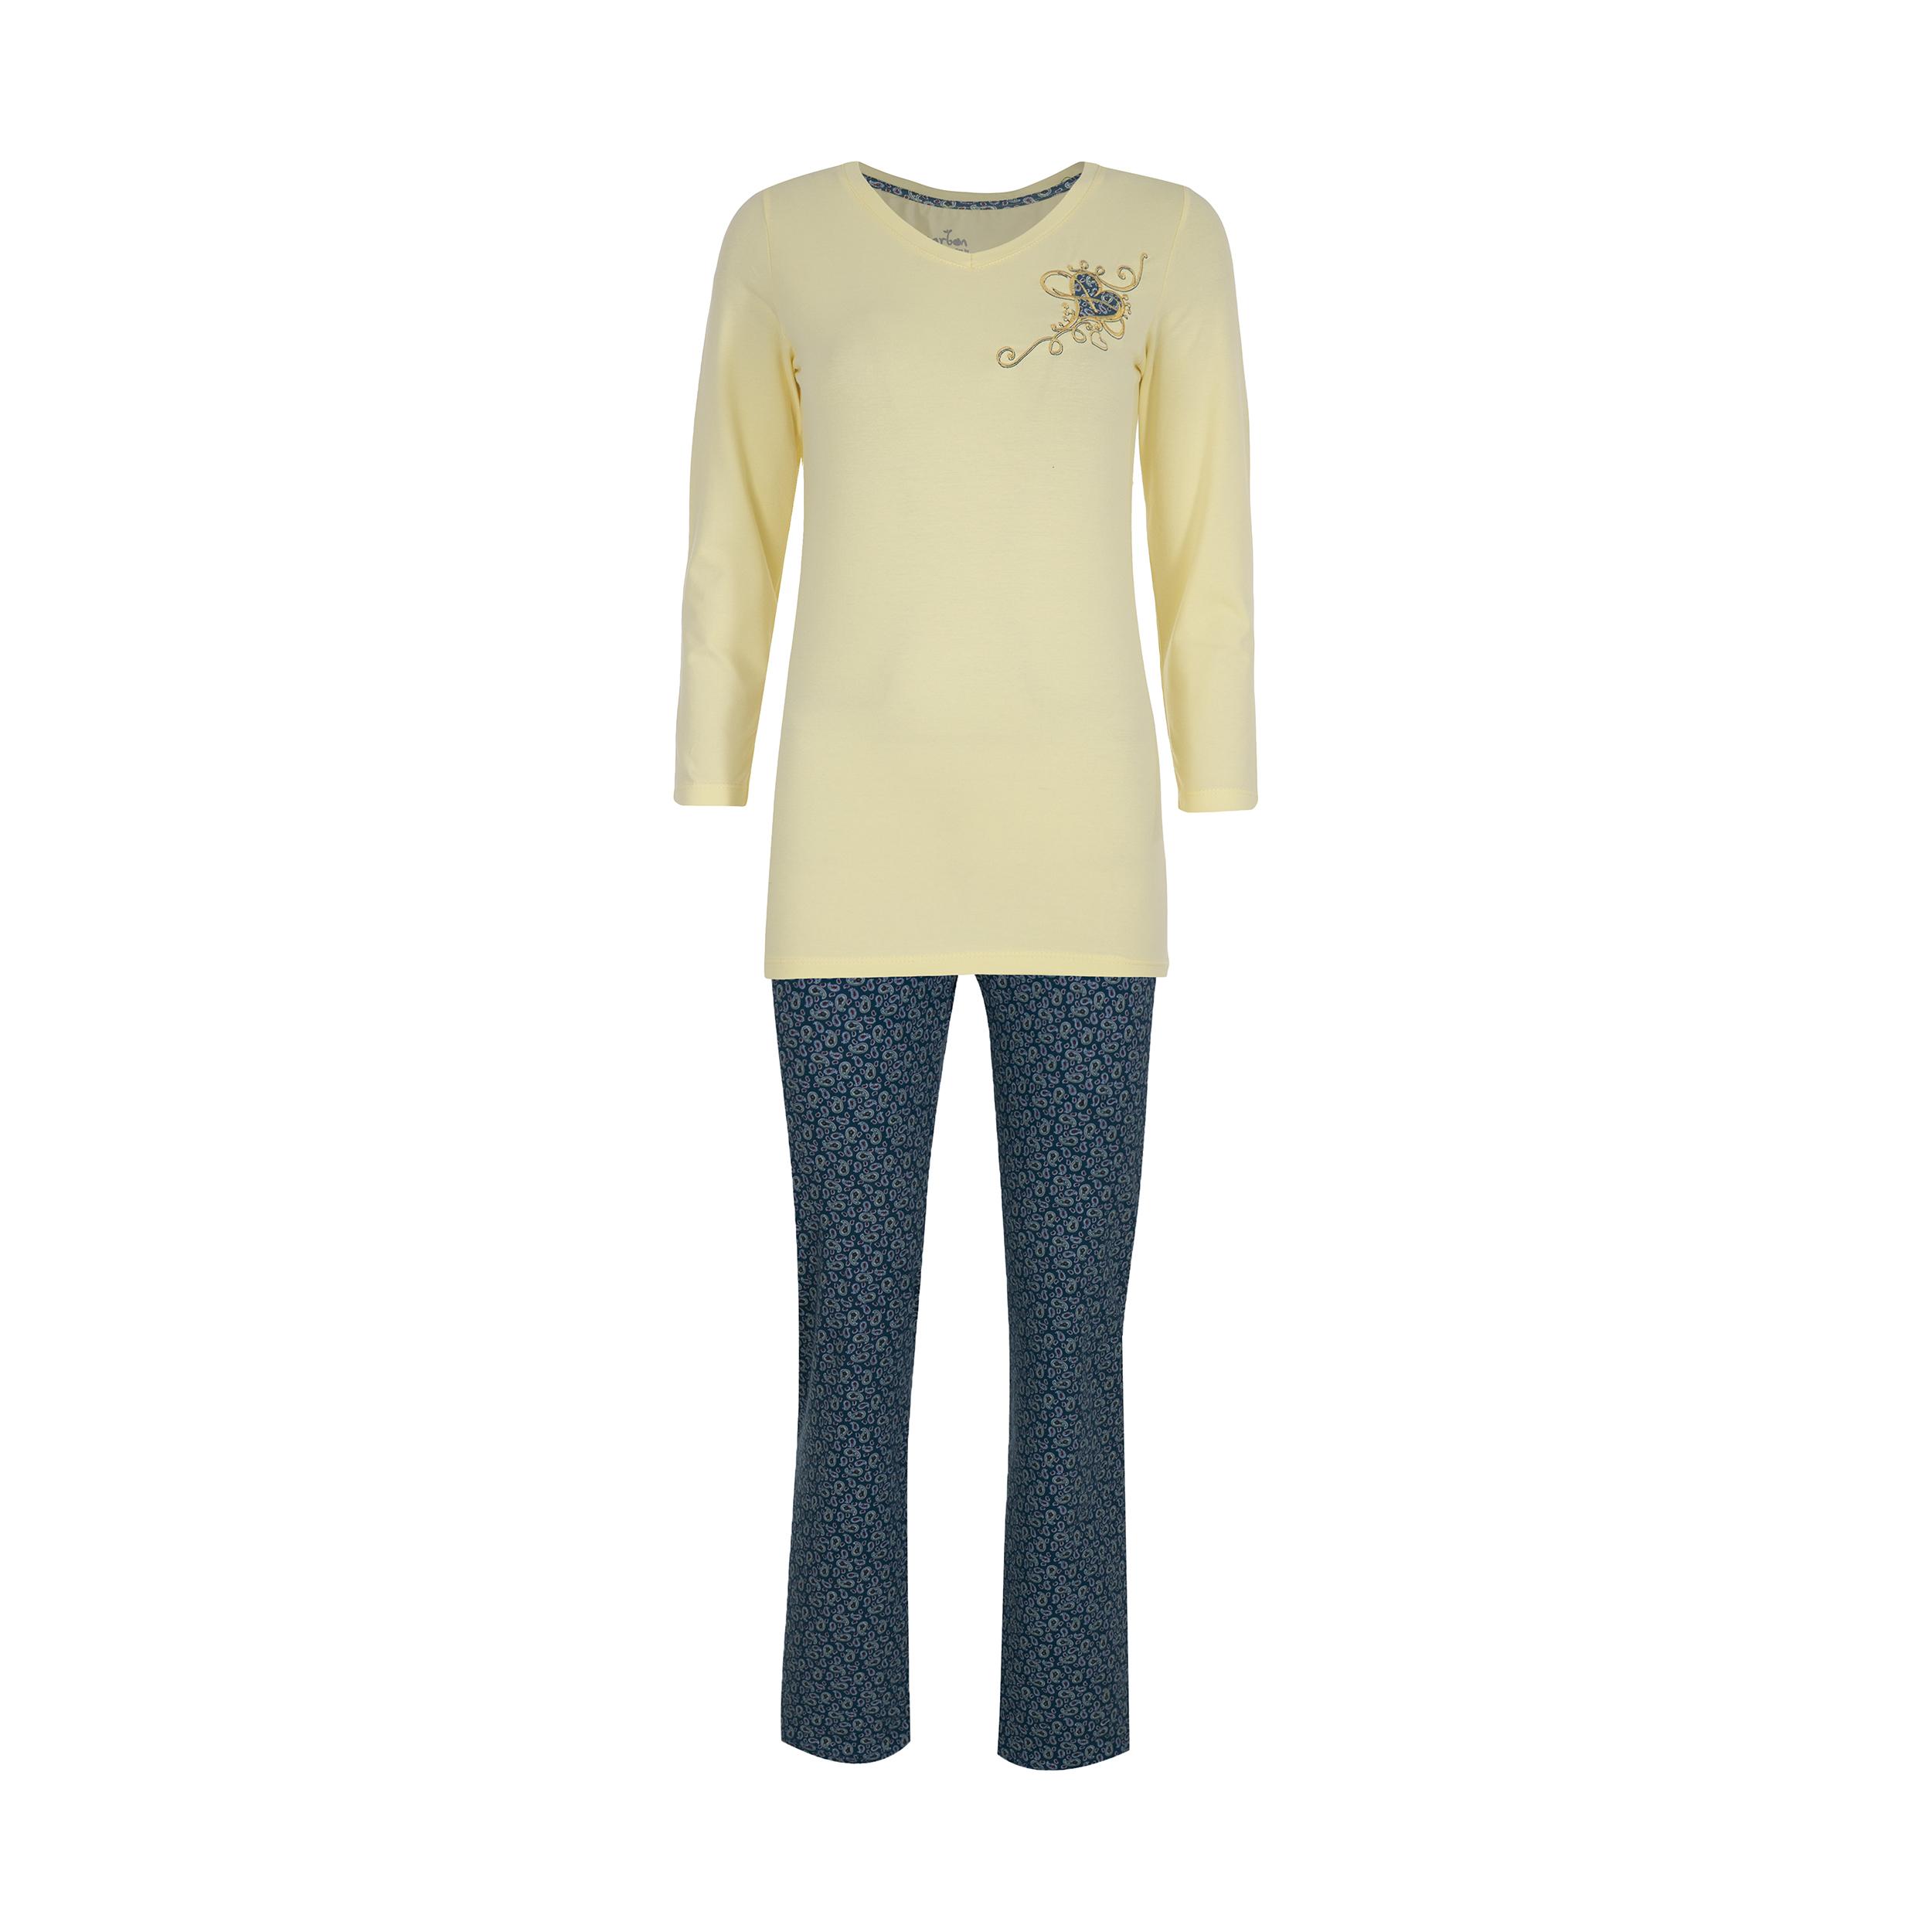 ست تی شرت و شلوار راحتی زنانه ناربن مدل 1521248-19